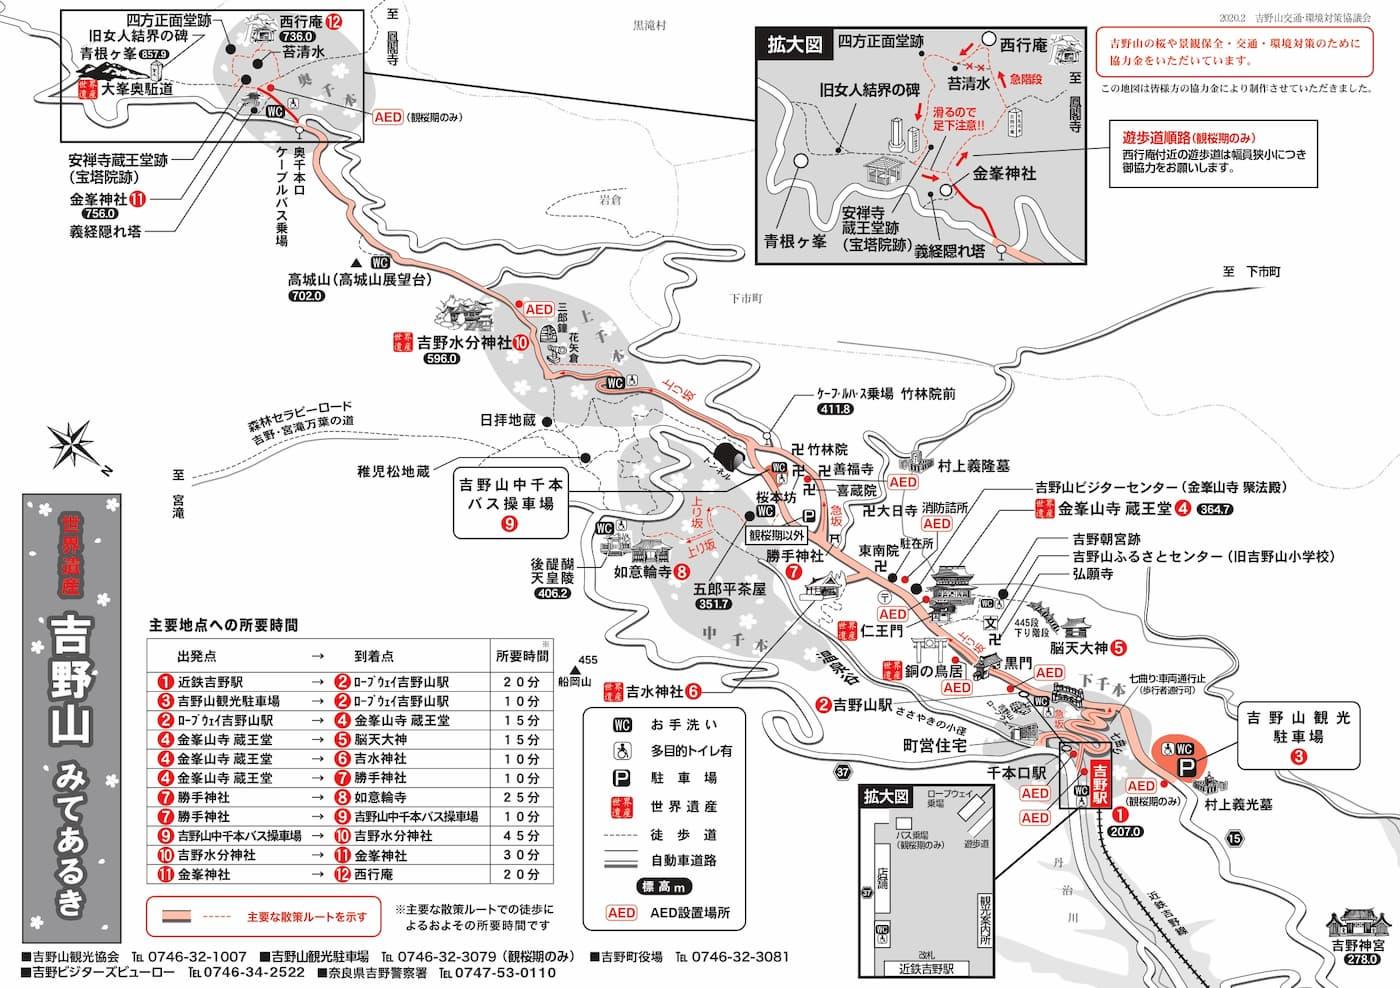 吉野山散策マップ